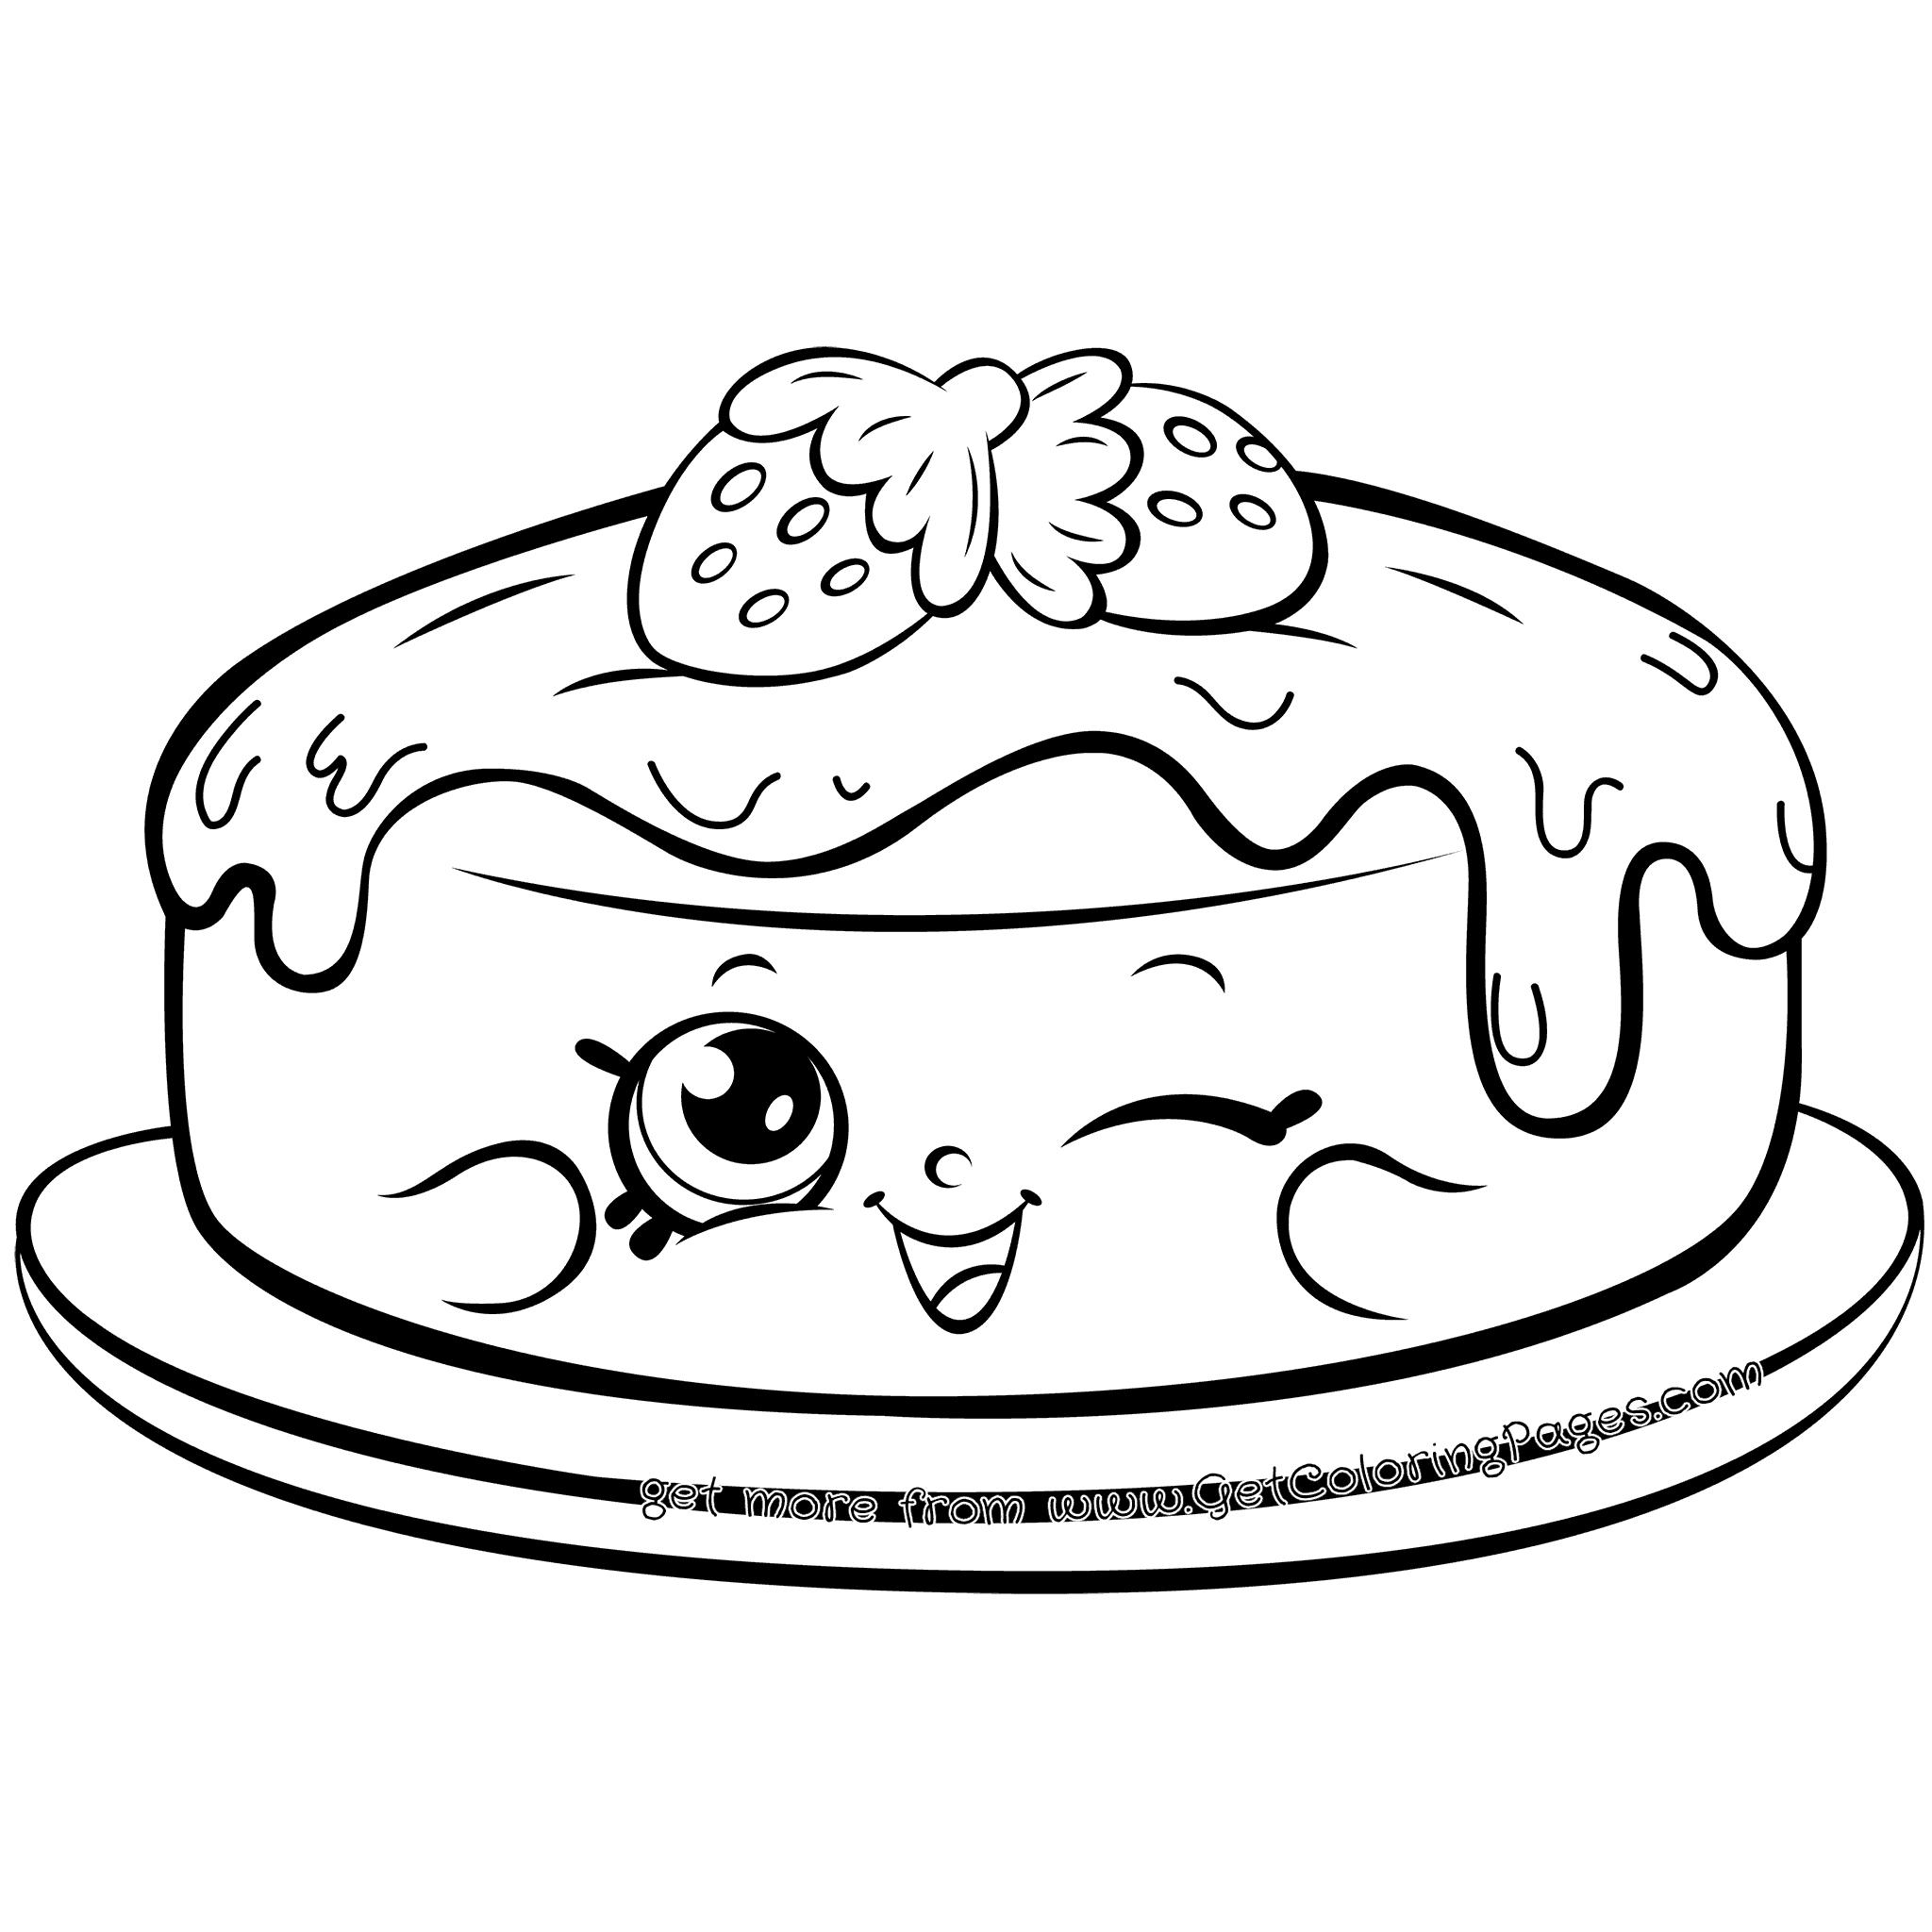 Kins 7 Cake Fran Pancake Coloring Page